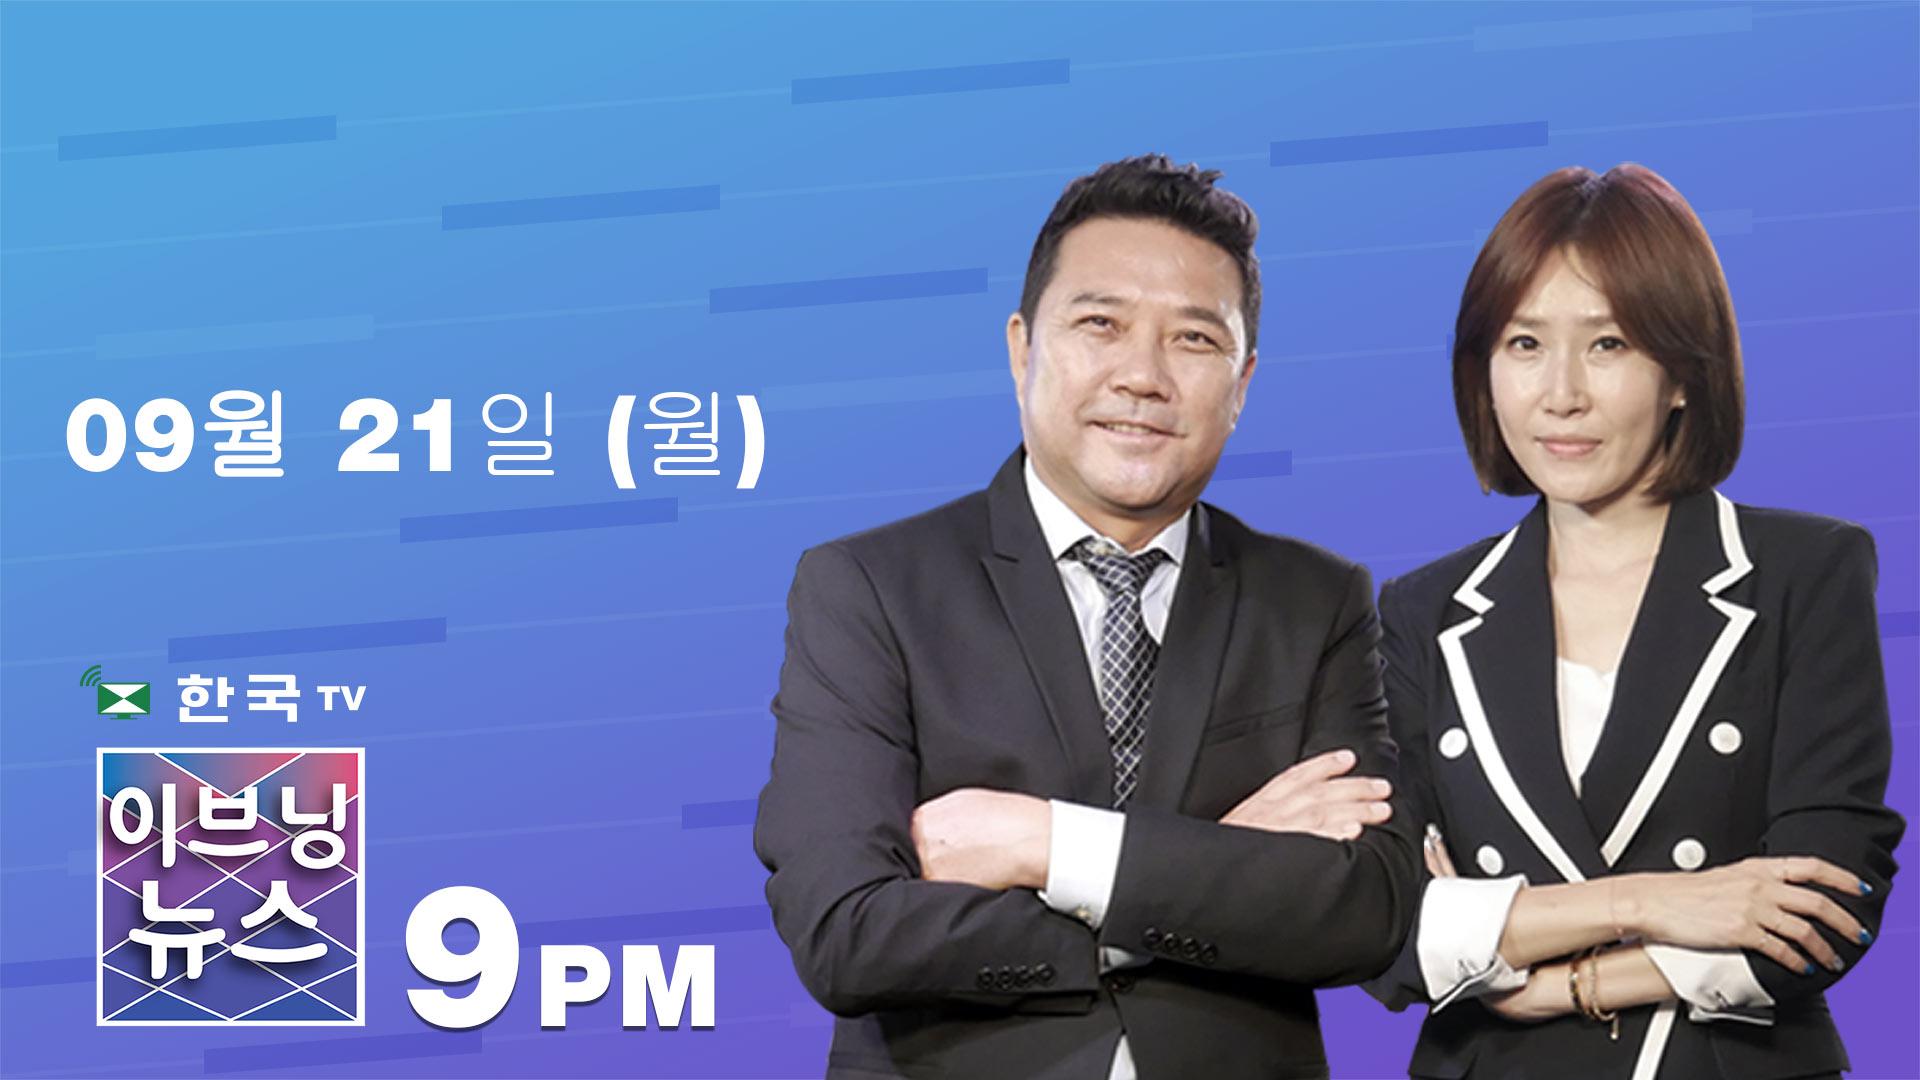 (09.21.2020) 한국TV 이브닝 뉴스